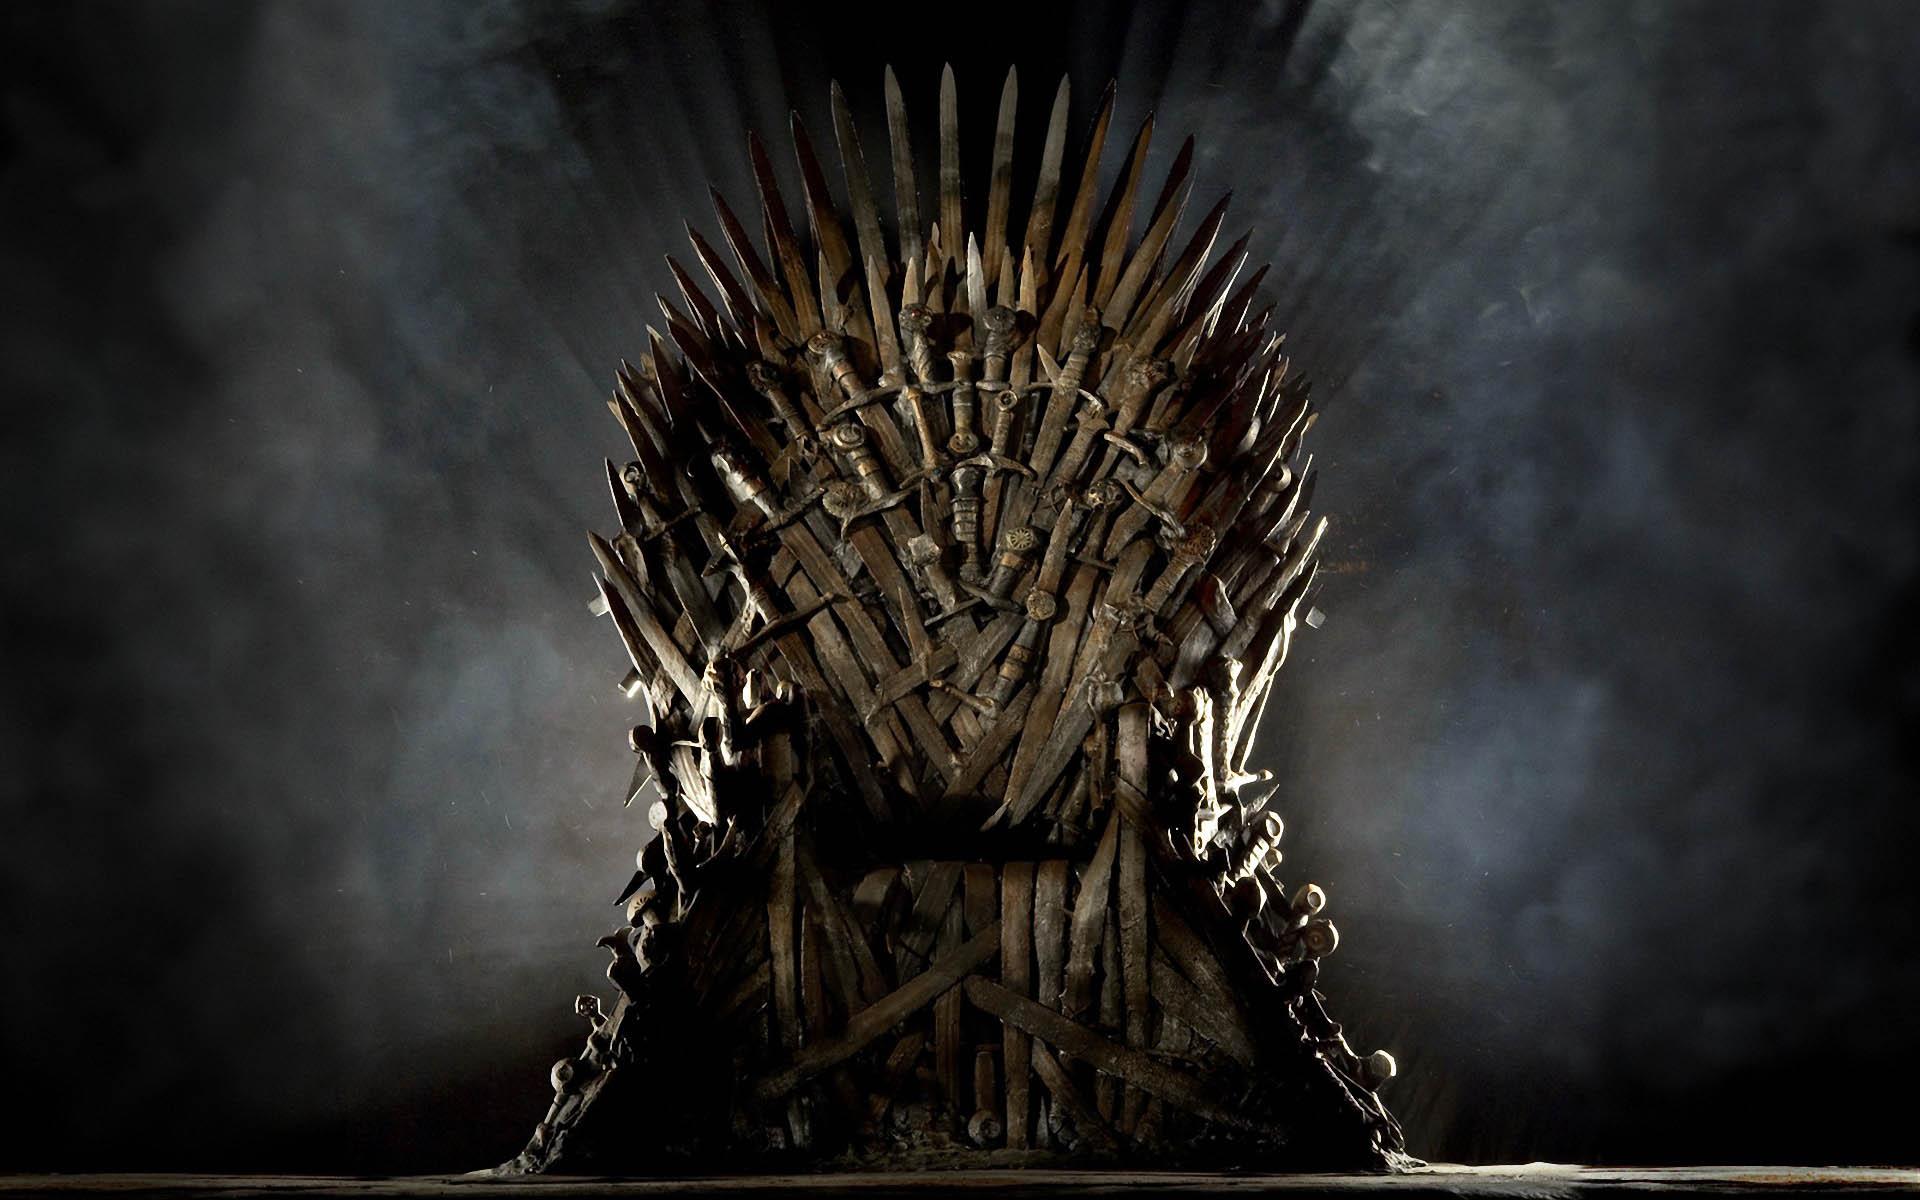 Escena eliminada de Game of Thrones presagia lo ocurrido en el final de temporada